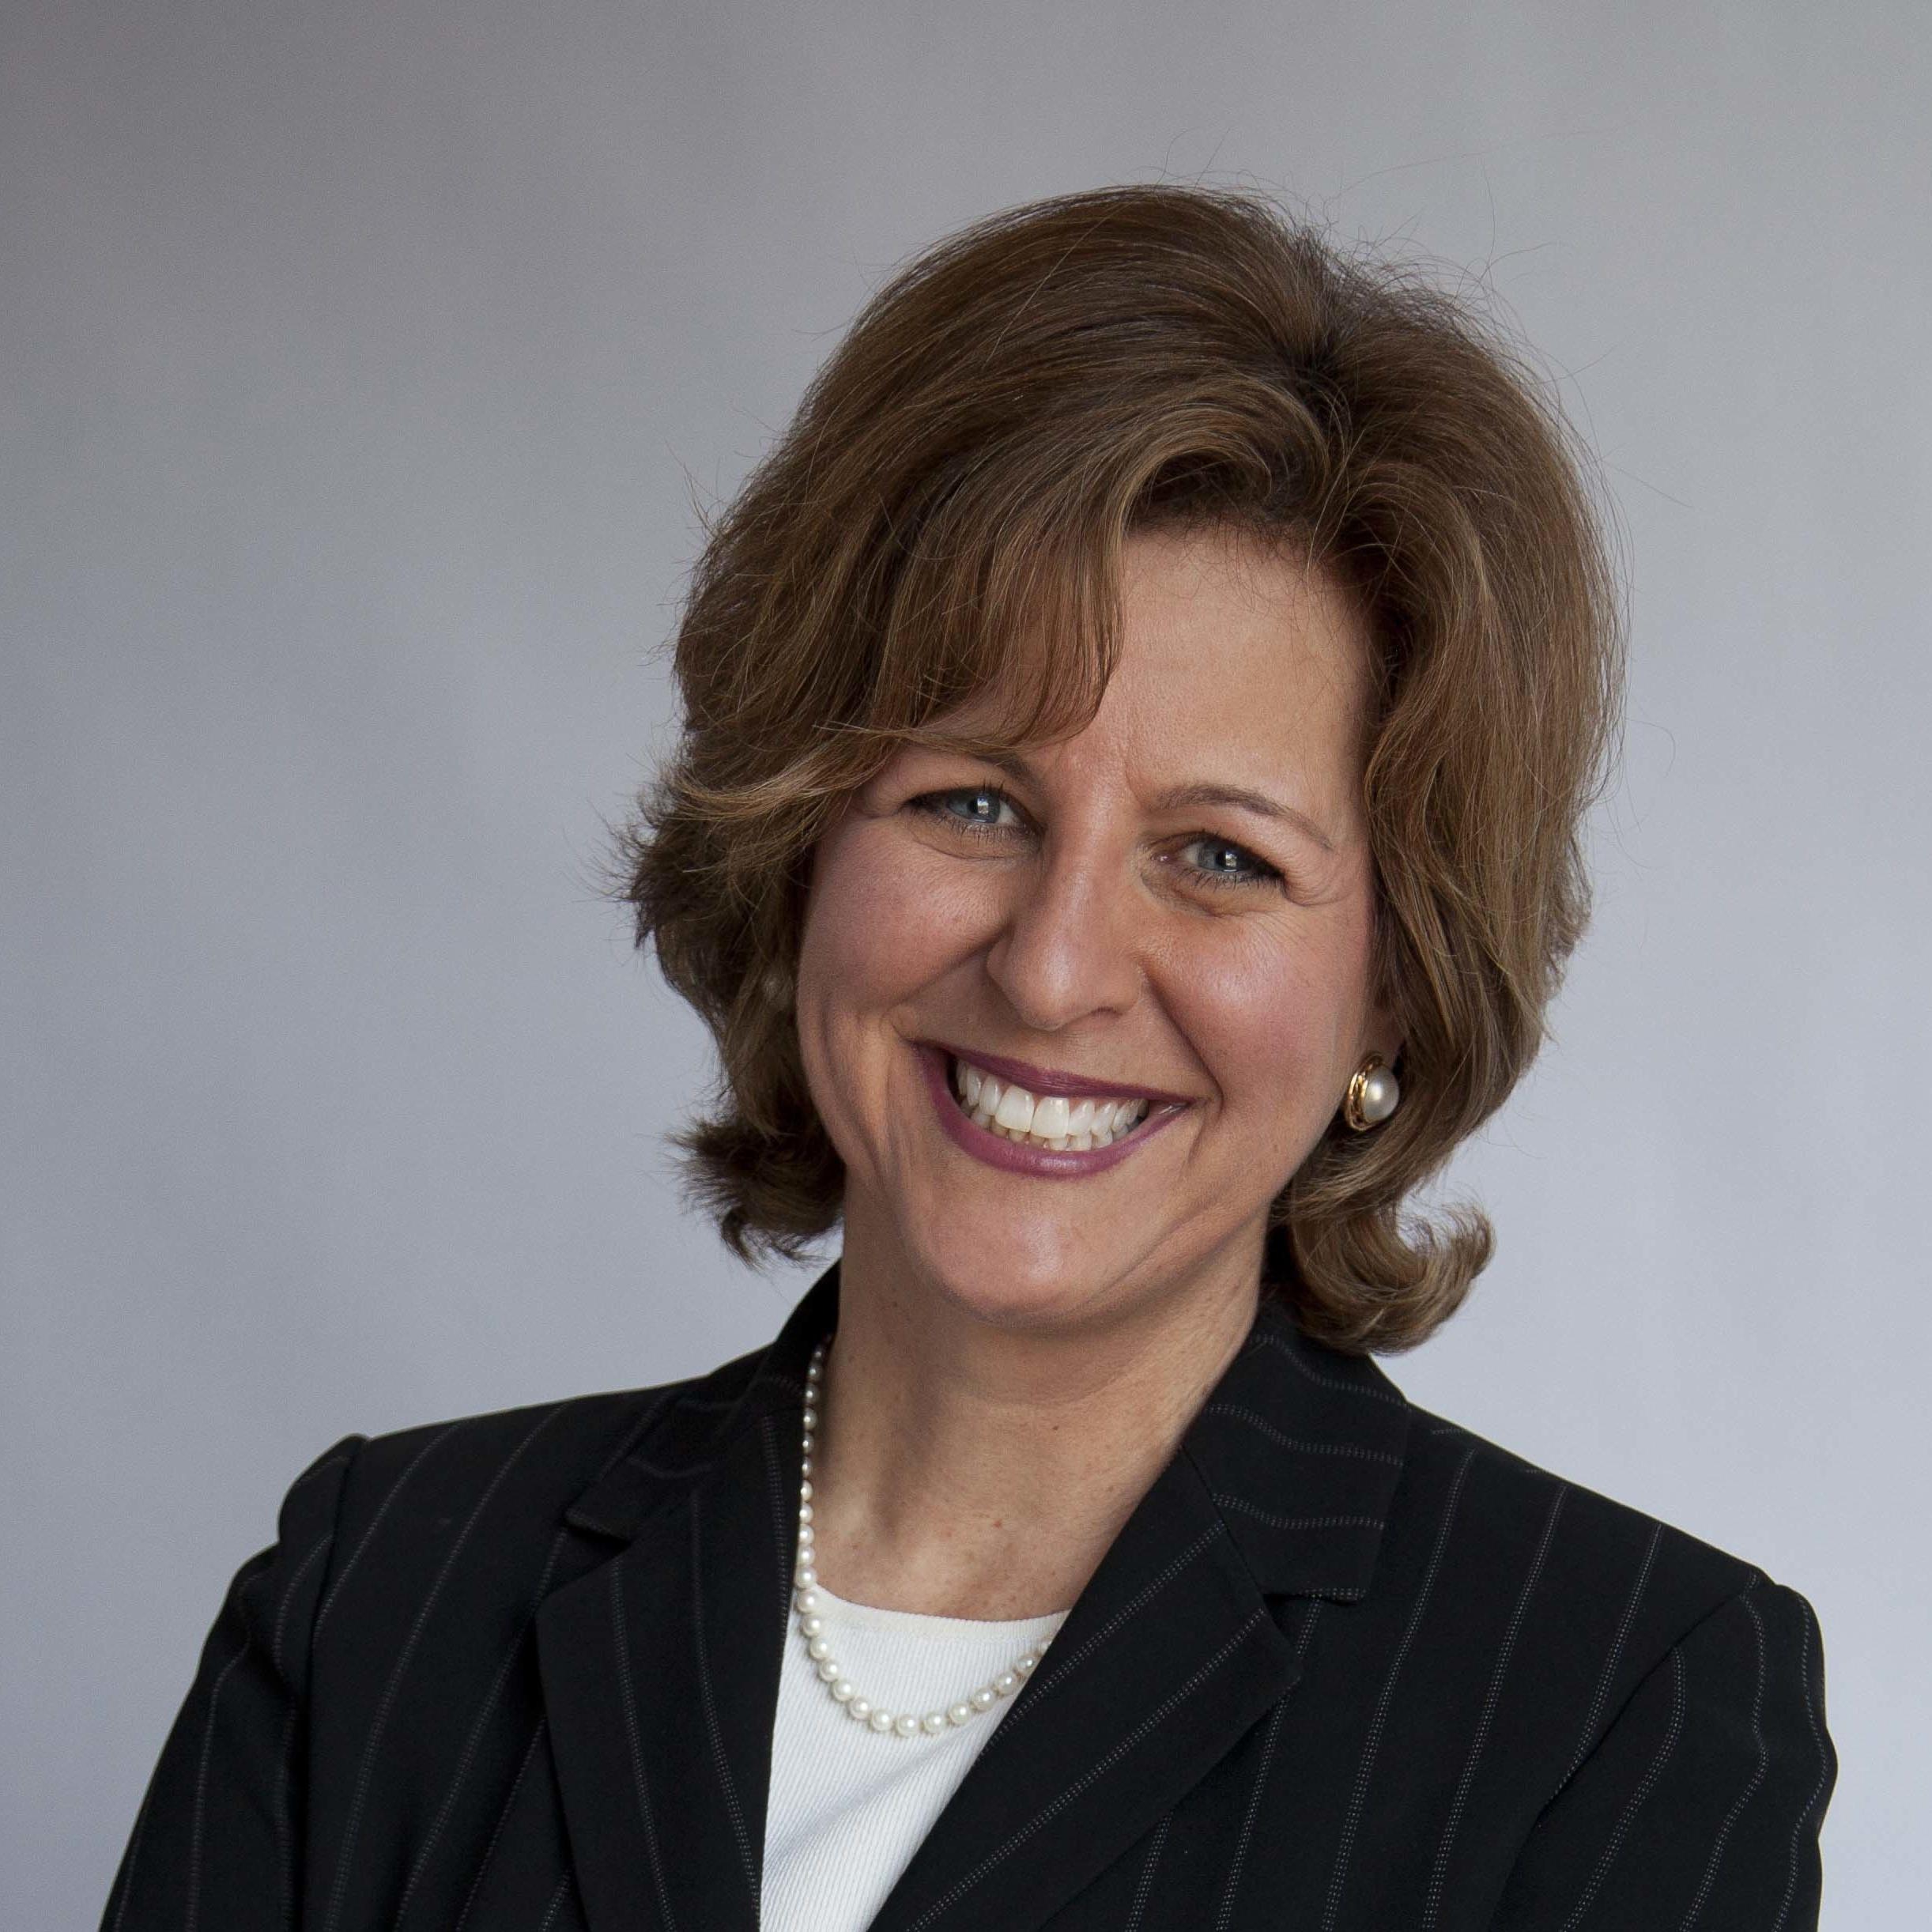 Debbie Cavalier